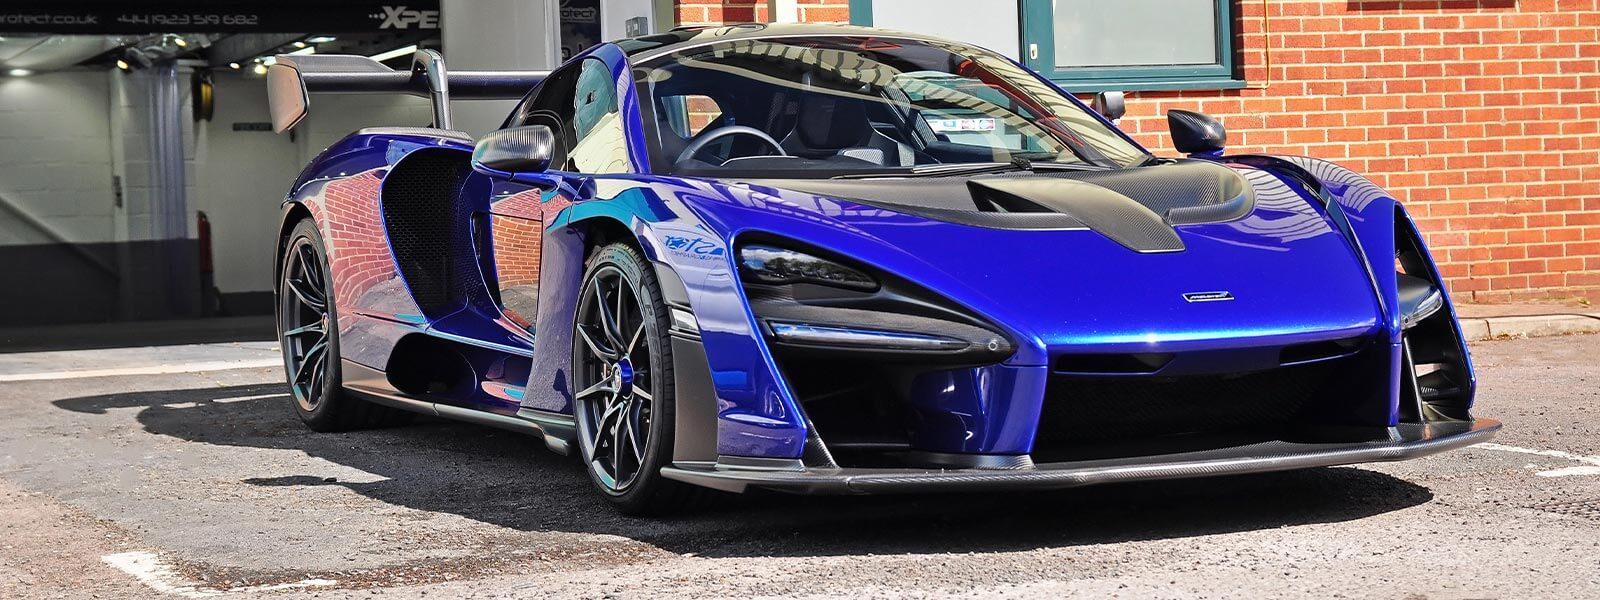 Senna Blue